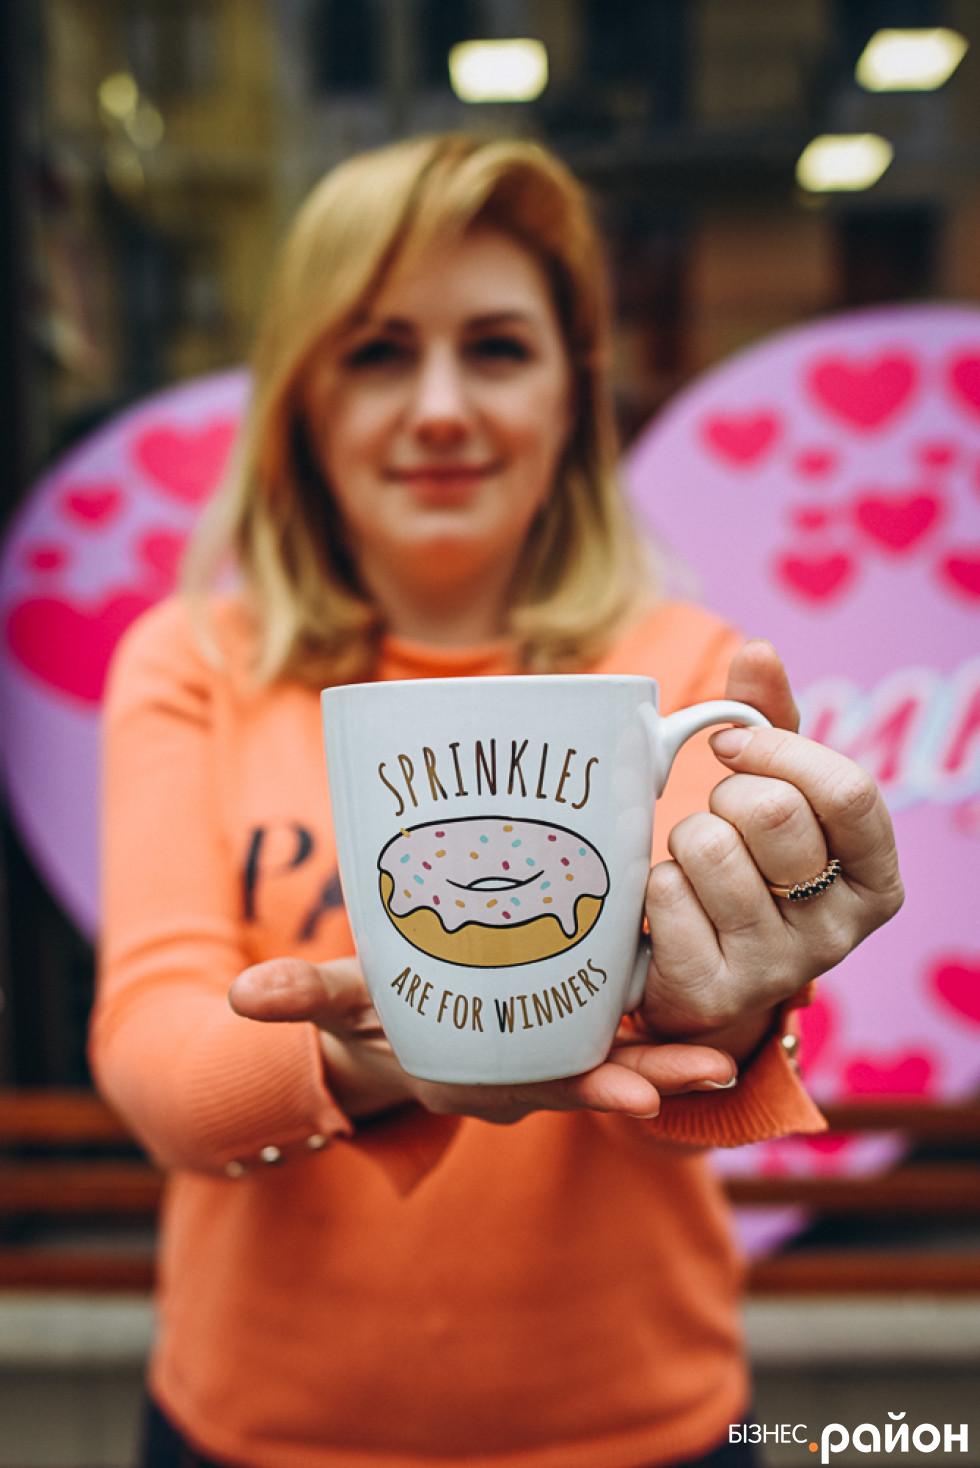 Вікторія демонструє «пончичний» мерч